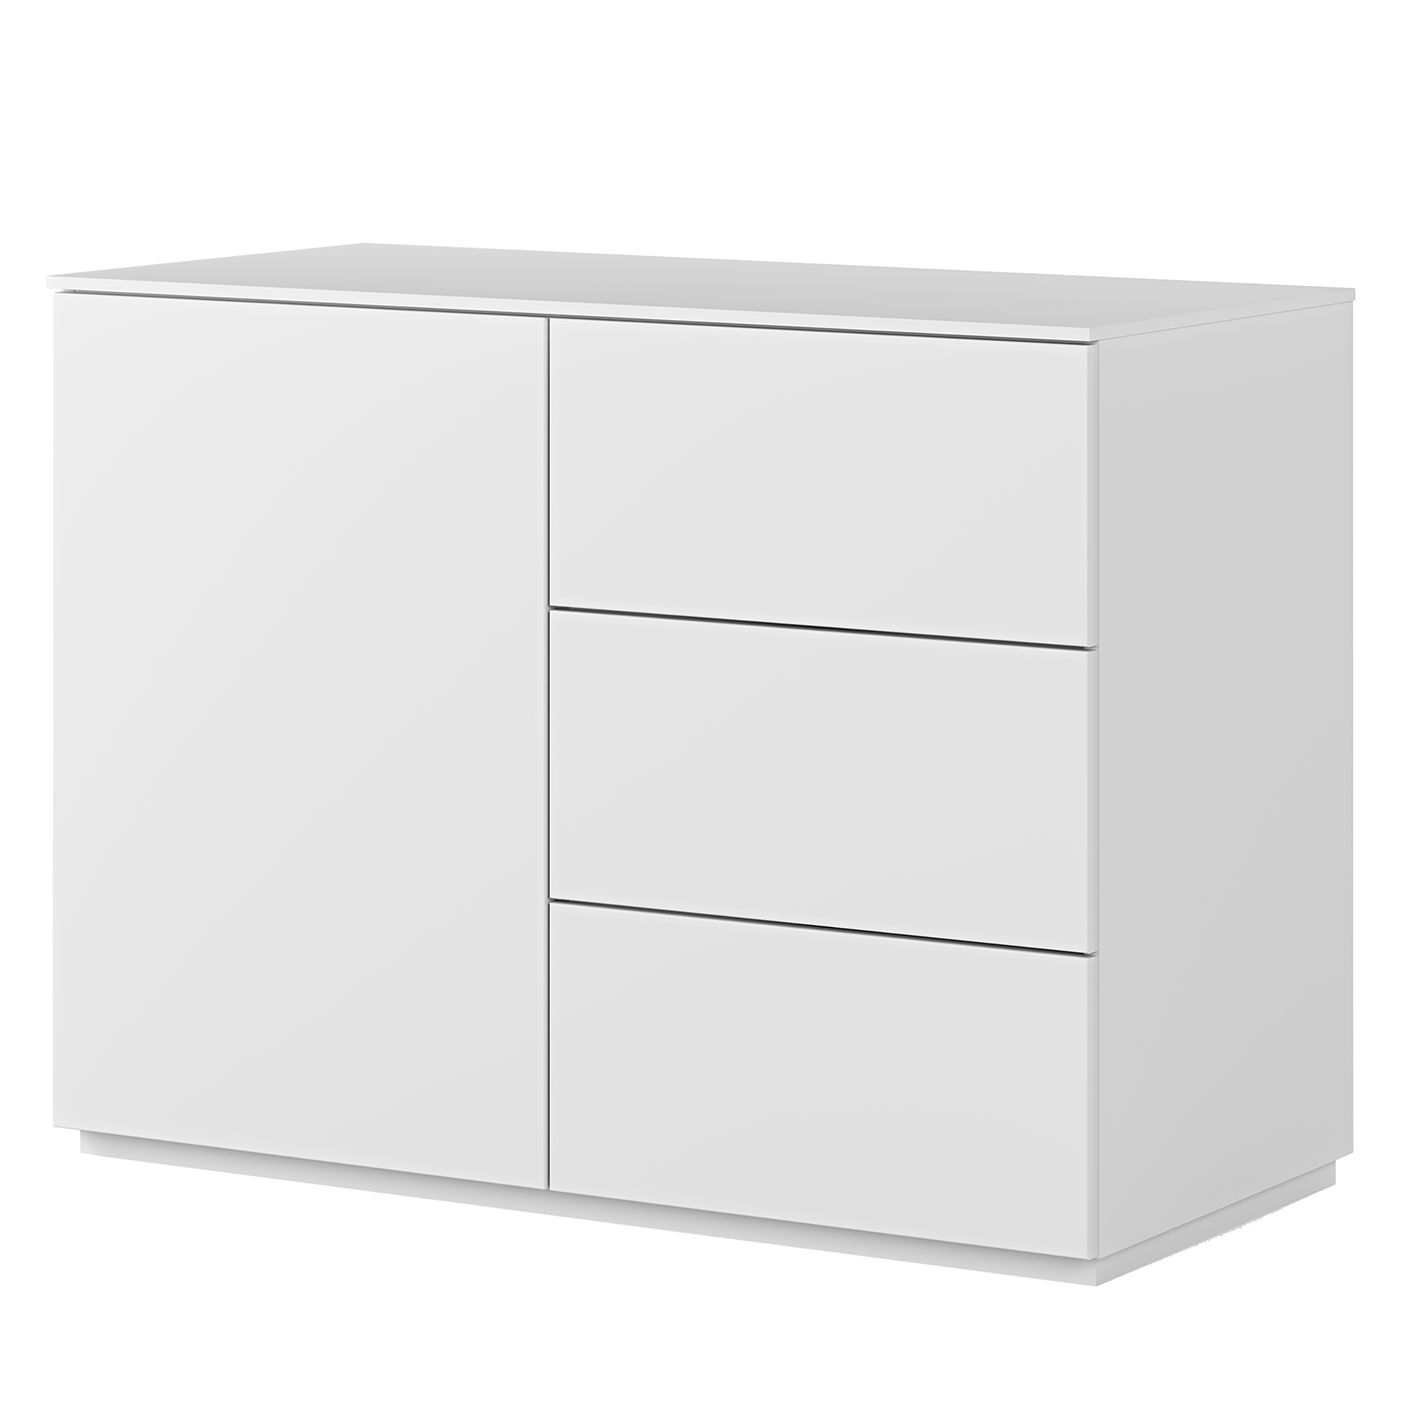 Kommoden online kaufen | Möbel Suchmaschine |